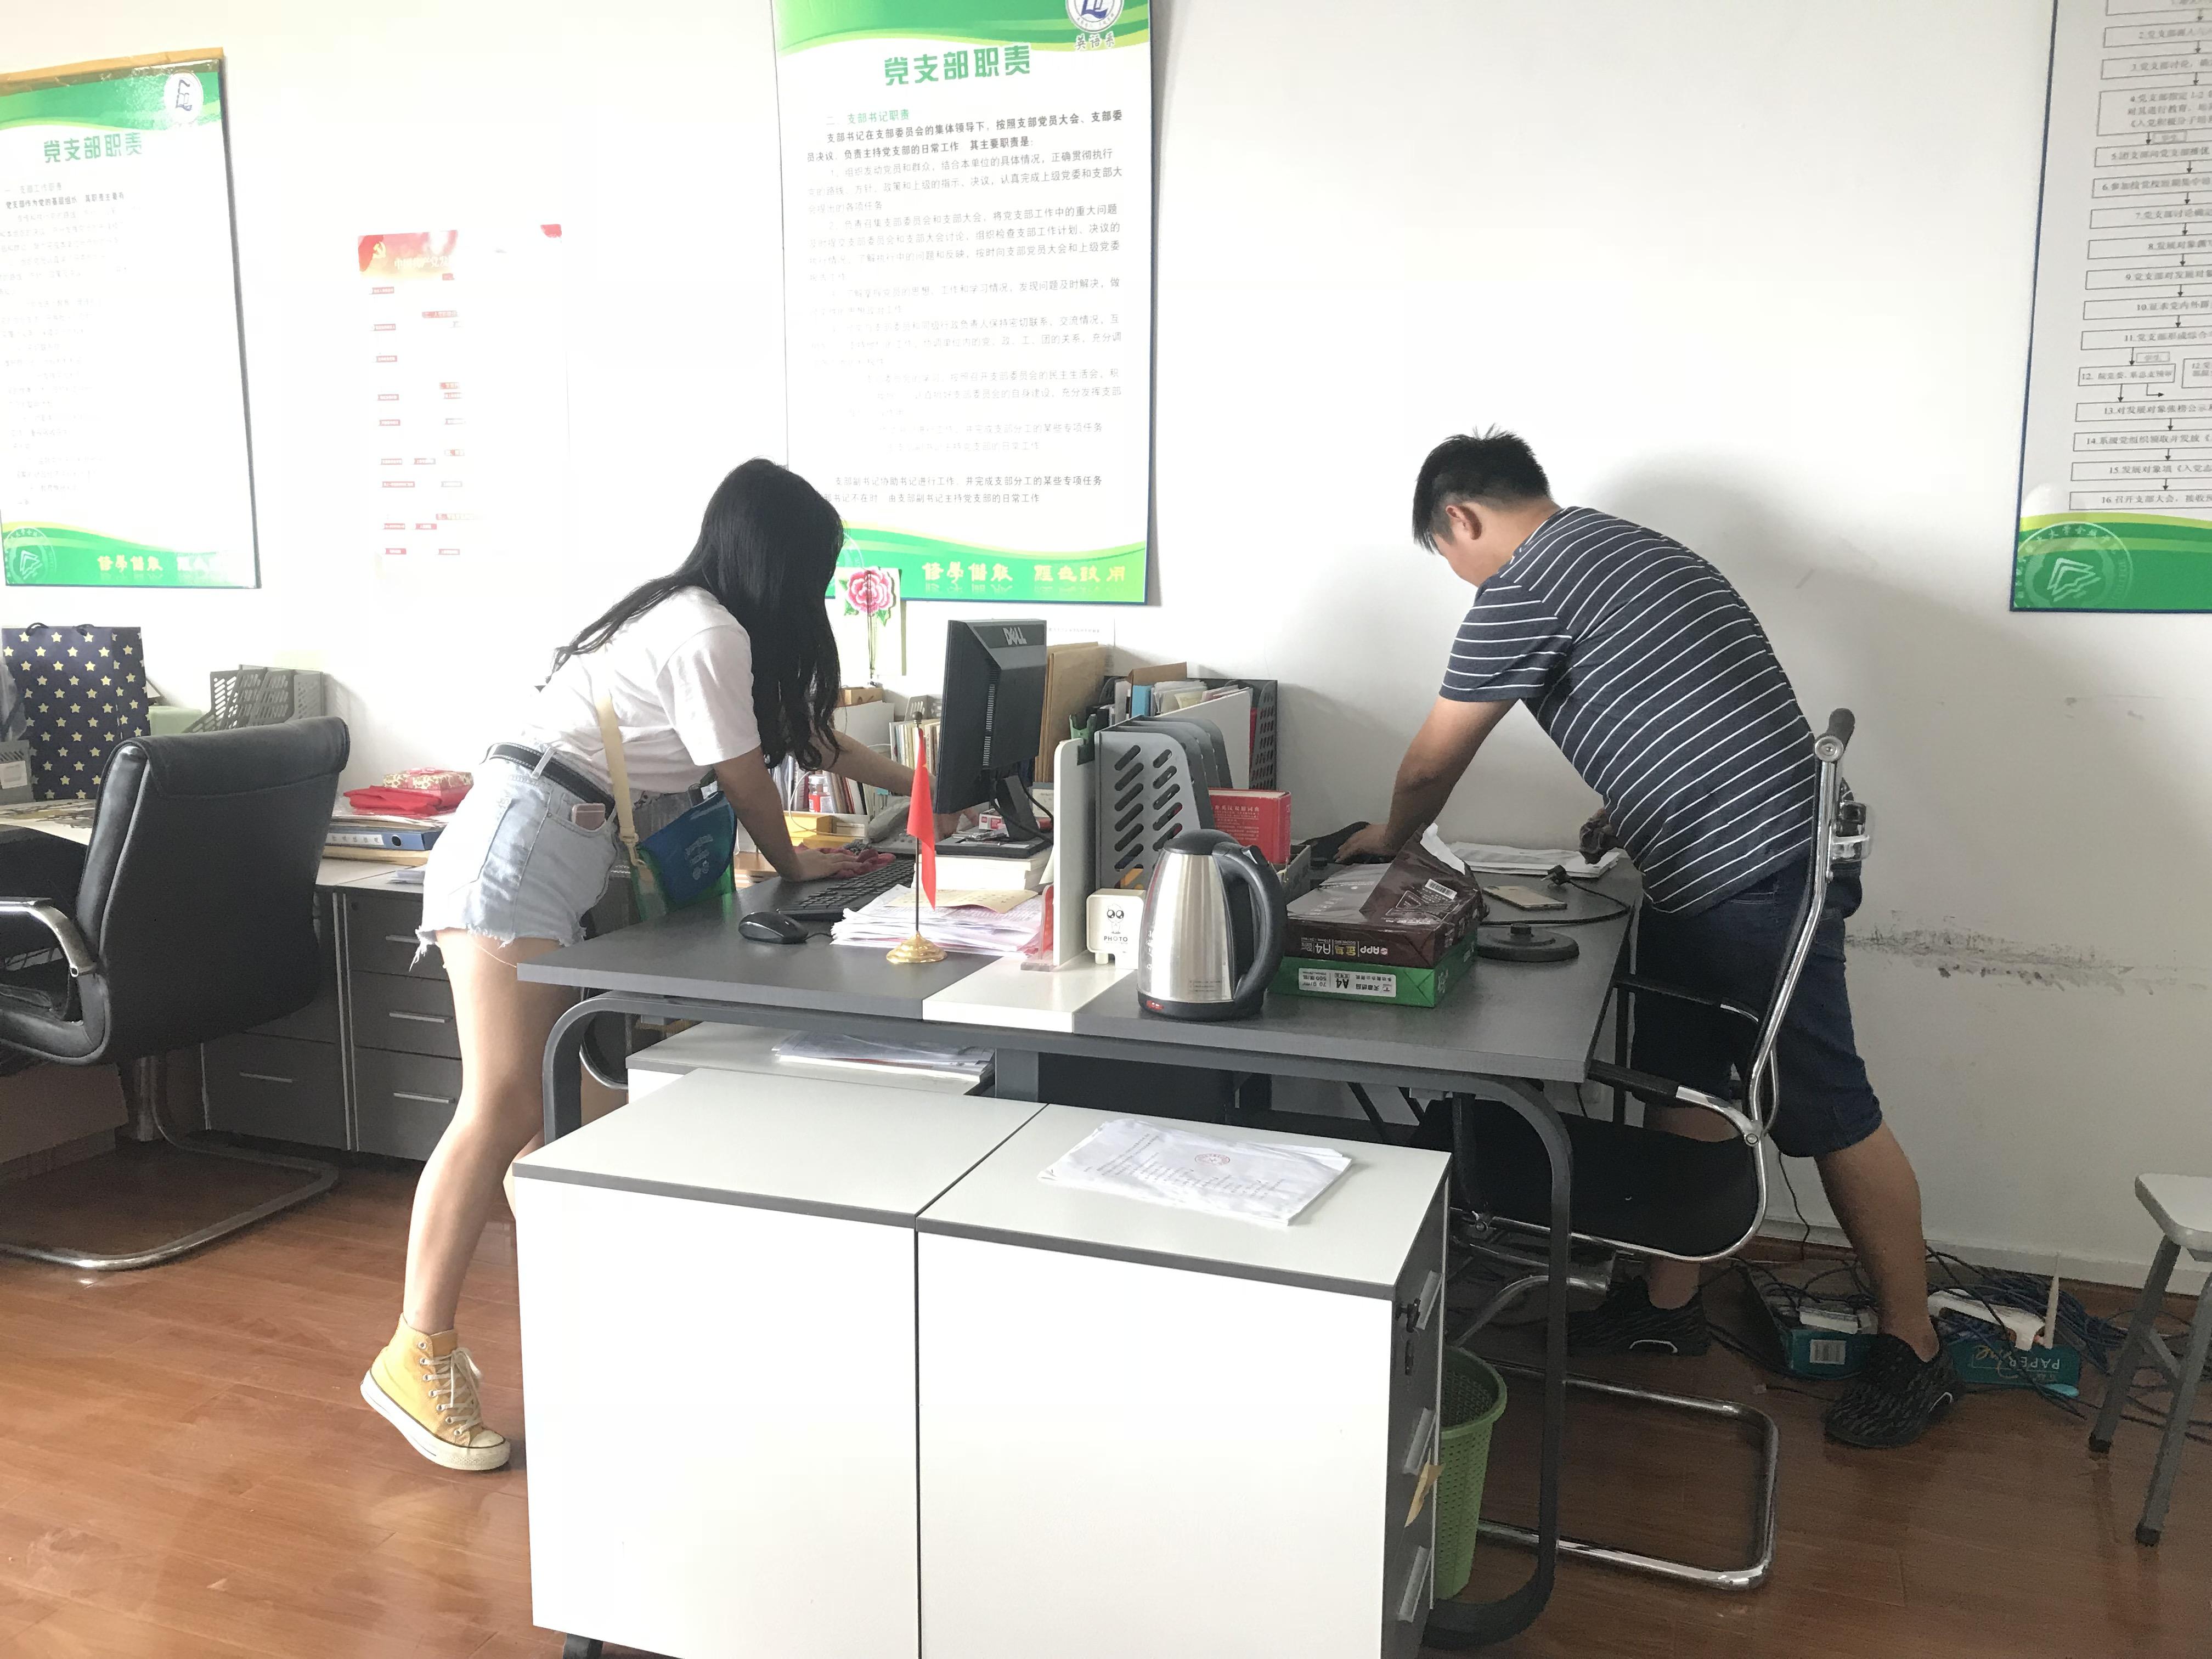 除了节日礼物,分团委的学生还热情的帮助老师打扫办公室卫生,拖地,擦